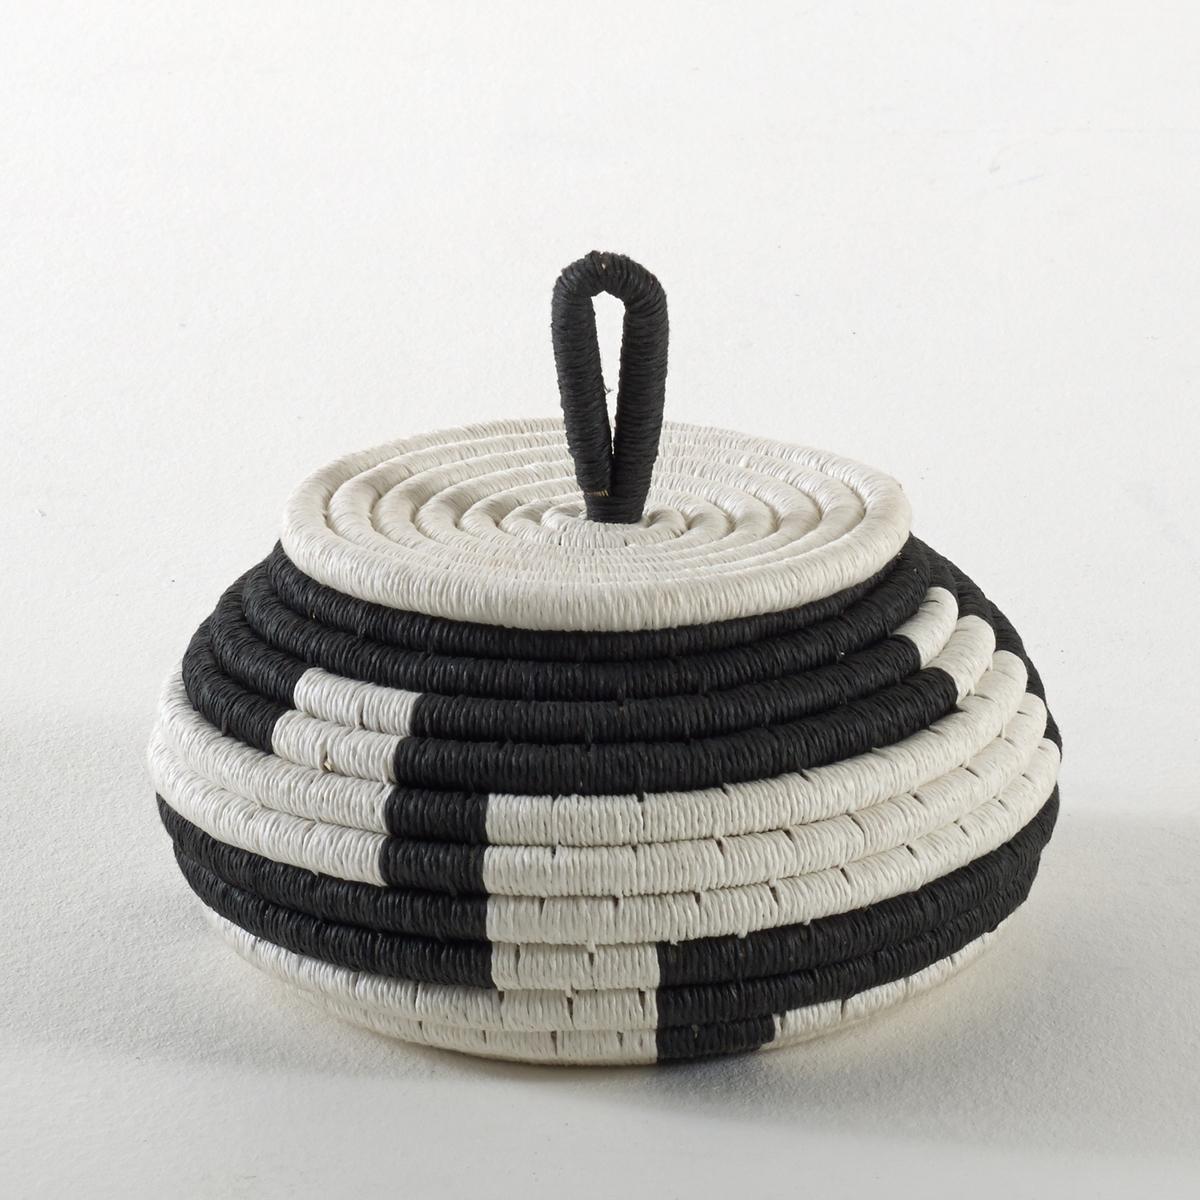 Ящик с крышкой, ShiguriСостав ящика с крышкой Shiguri :Каркас из морского тростника, покрытый плетеной бумагой .Размеры ящика с крышкойShiguri :Высота 12 см .Диаметр 22 см .<br><br>Цвет: черный/ белый